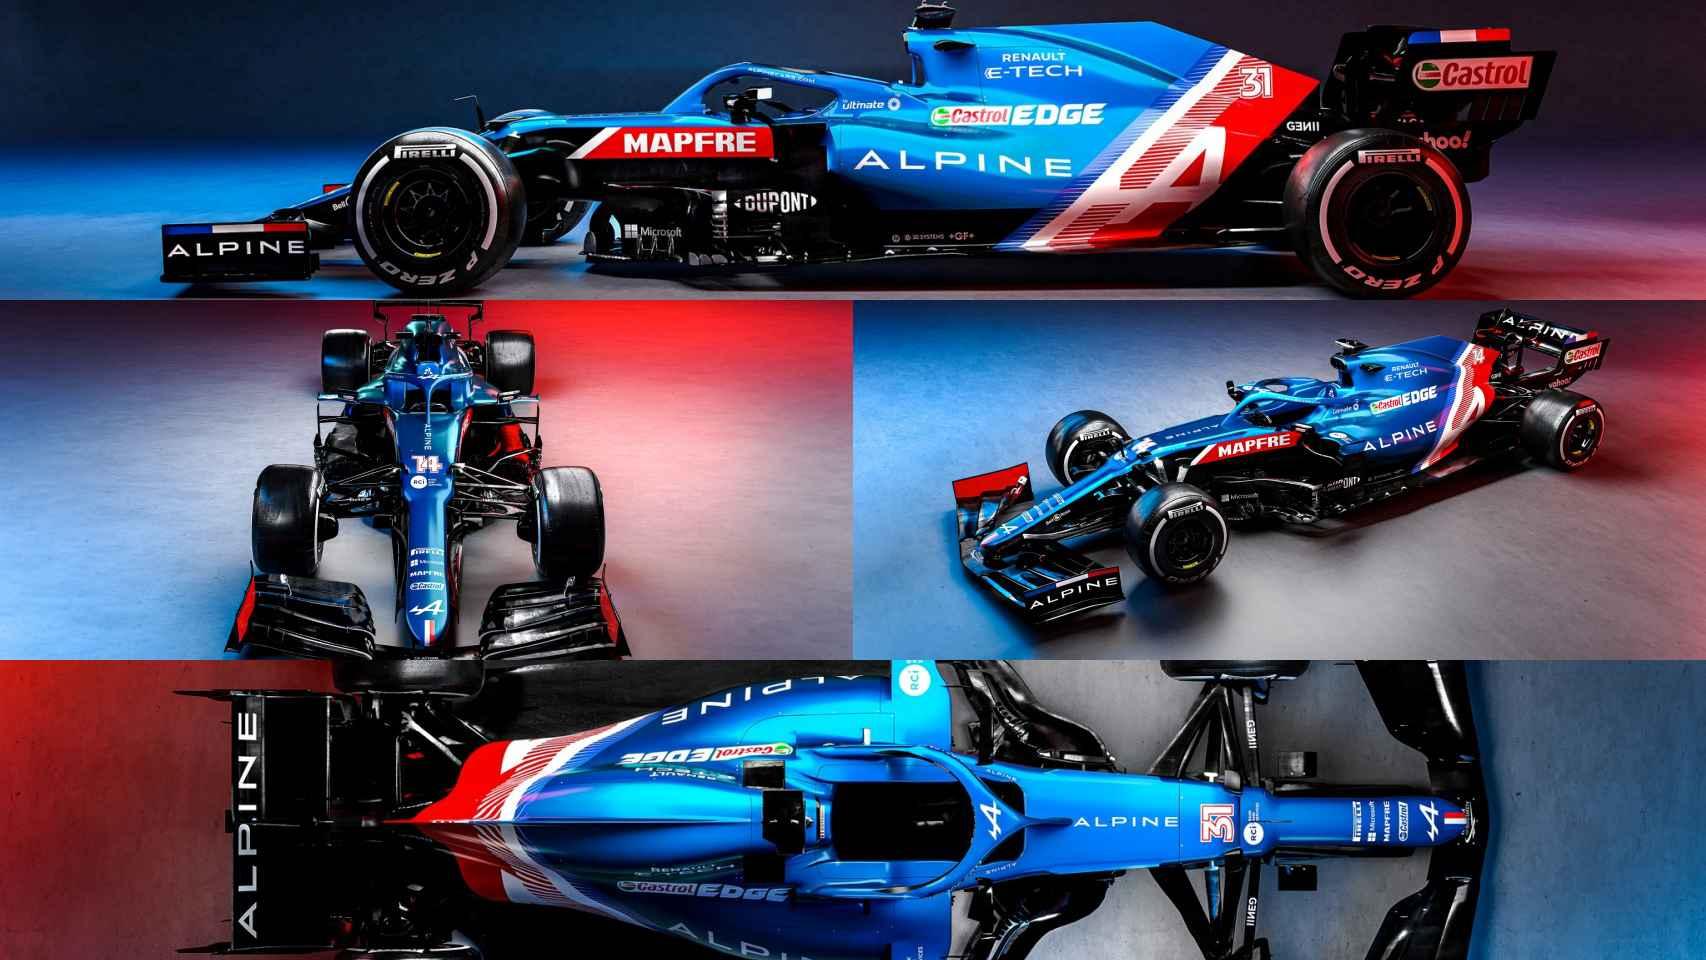 El Alpine A521 de Fernando Alonso